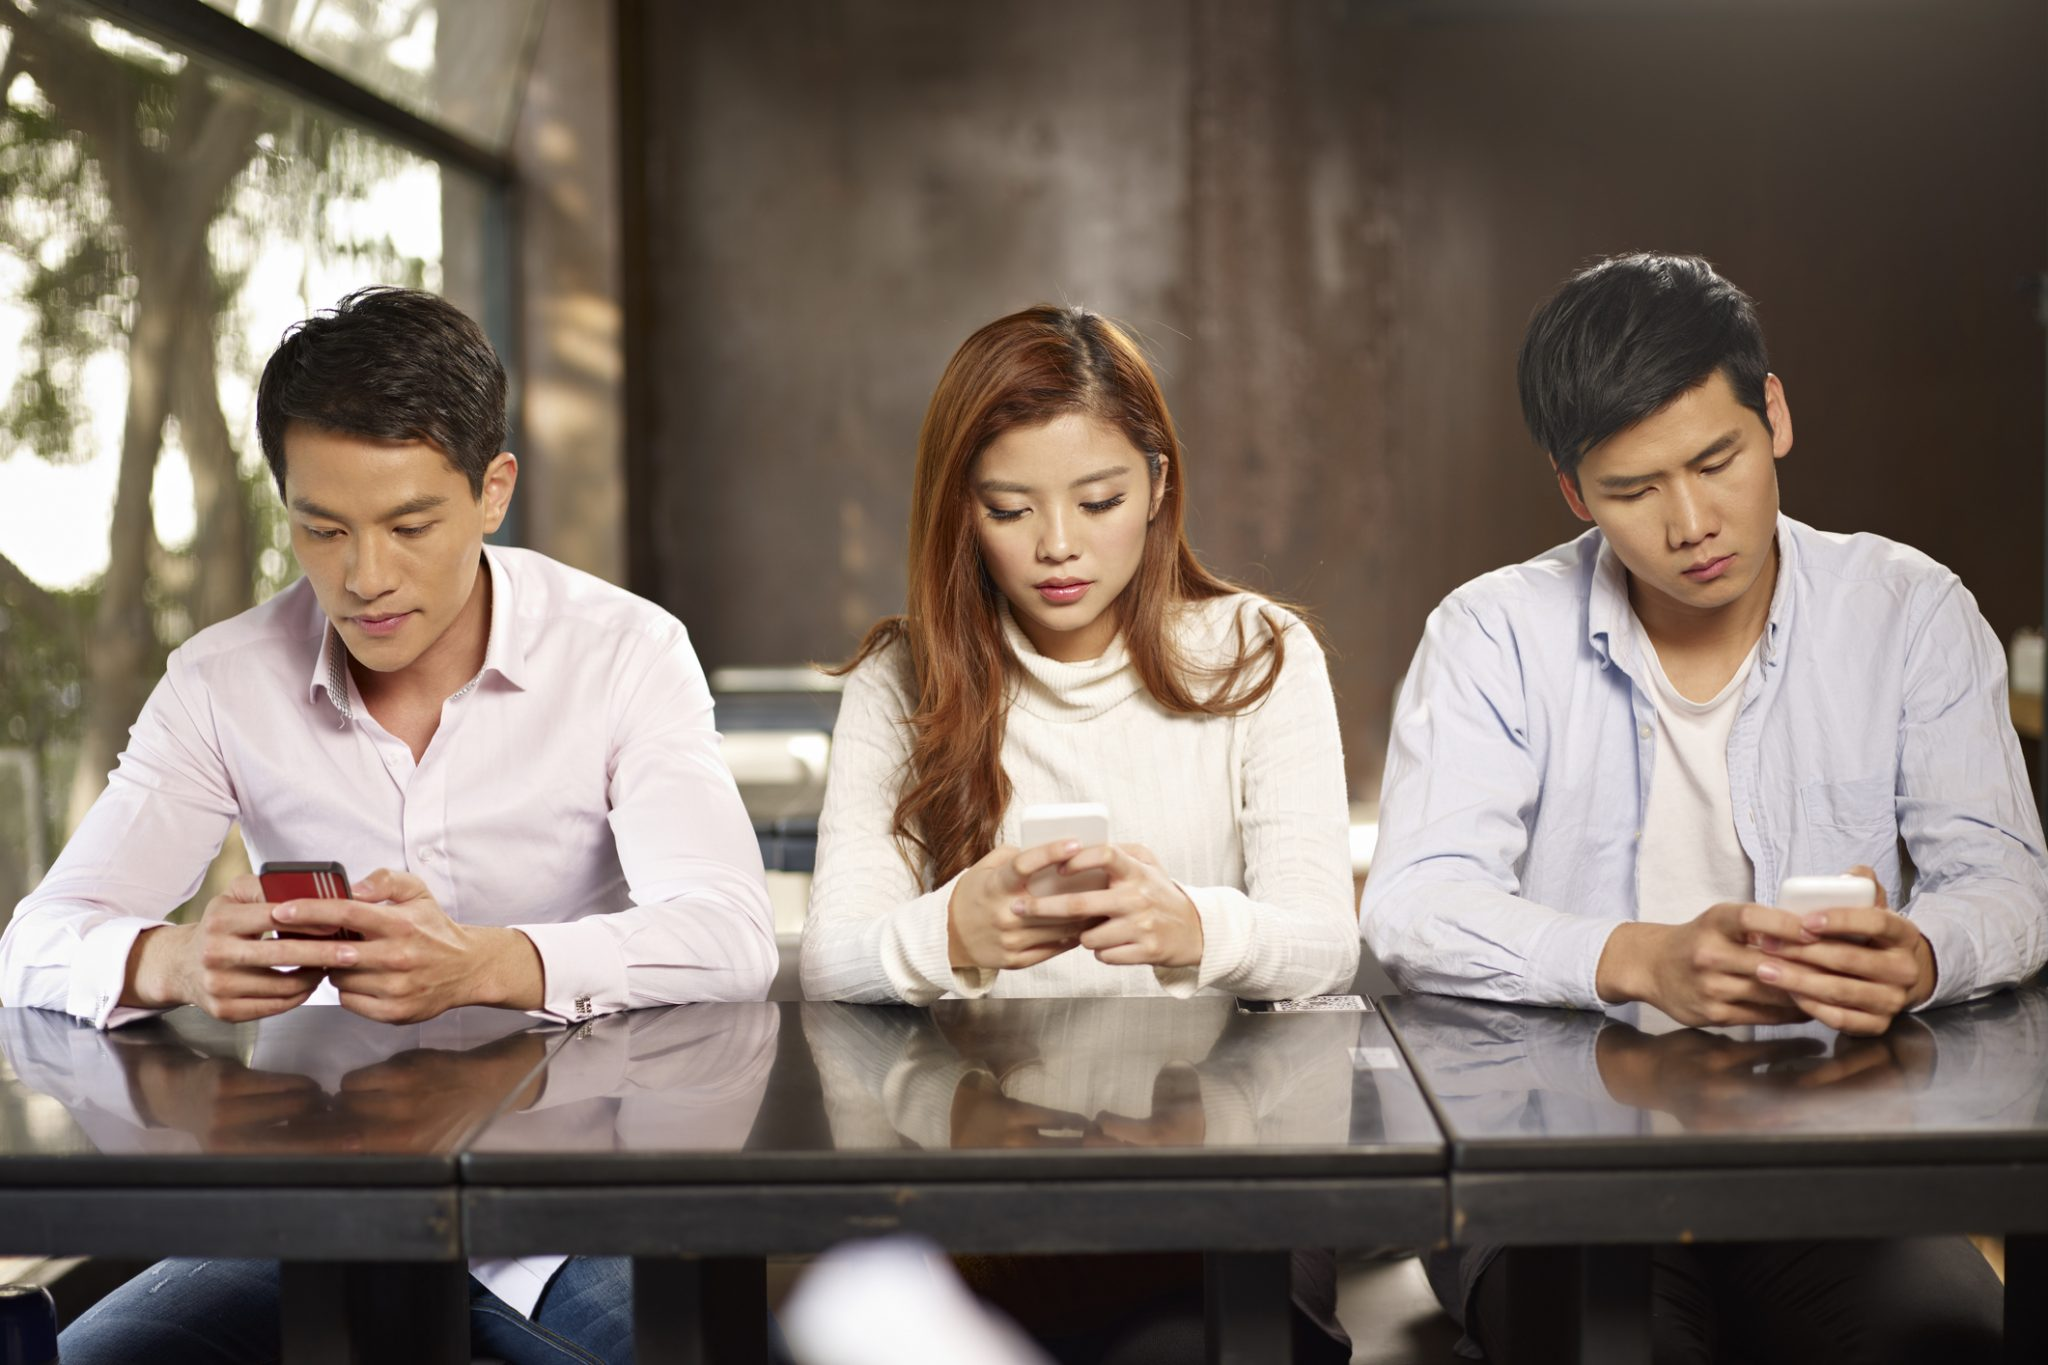 Les habitudes de consommations en Chine sur le point d'être redéfinies